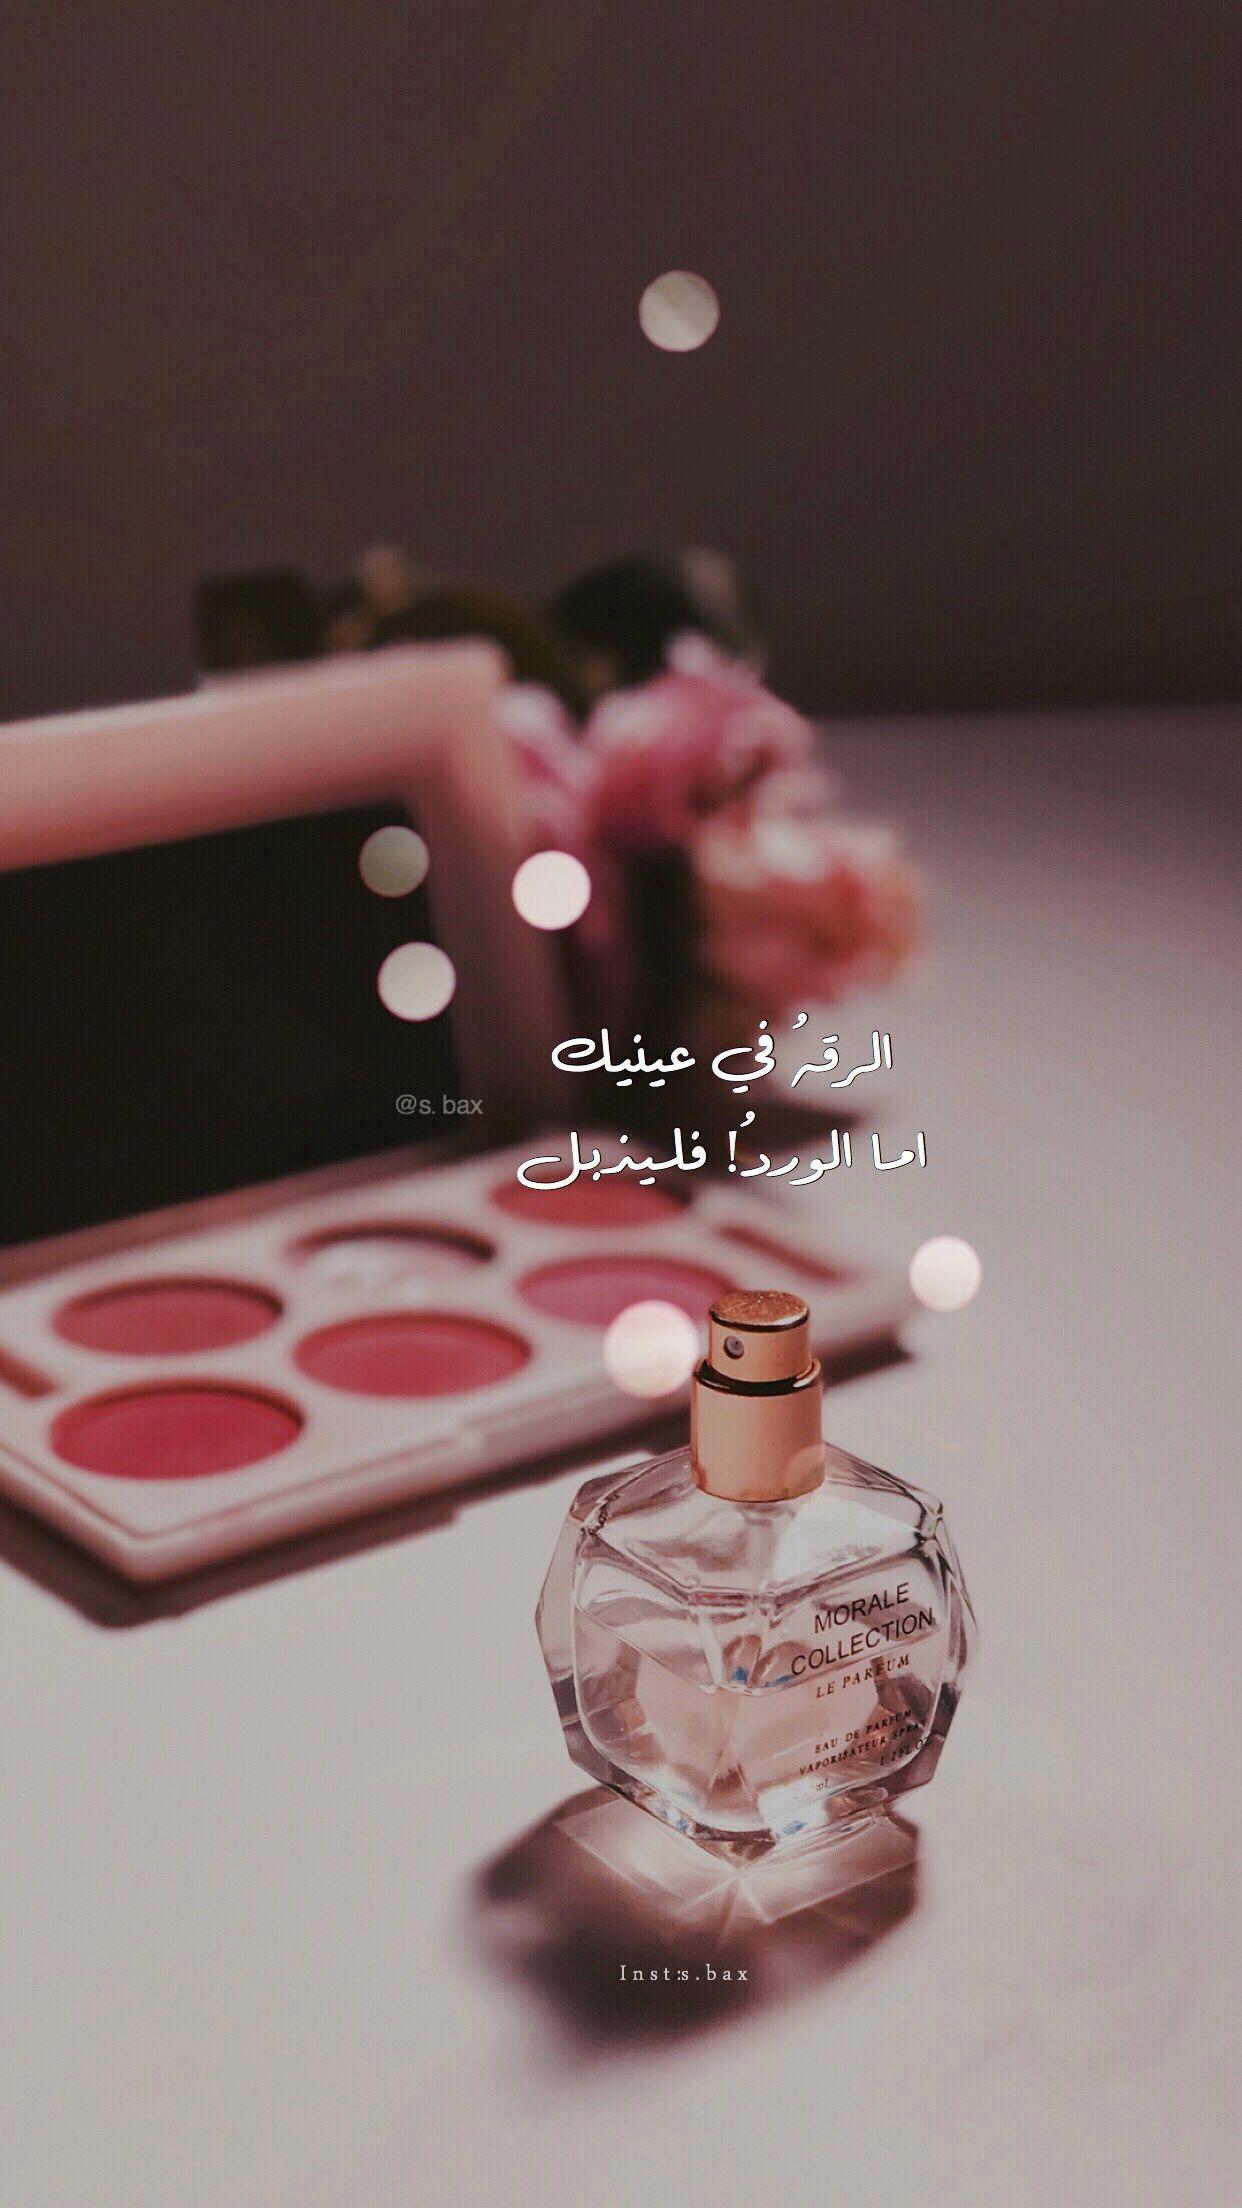 صور رمزيات انستقرام سناب عطر مكياج S Bax Love Quotes Wallpaper Iphone Wallpaper Quotes Love Arabic Quotes